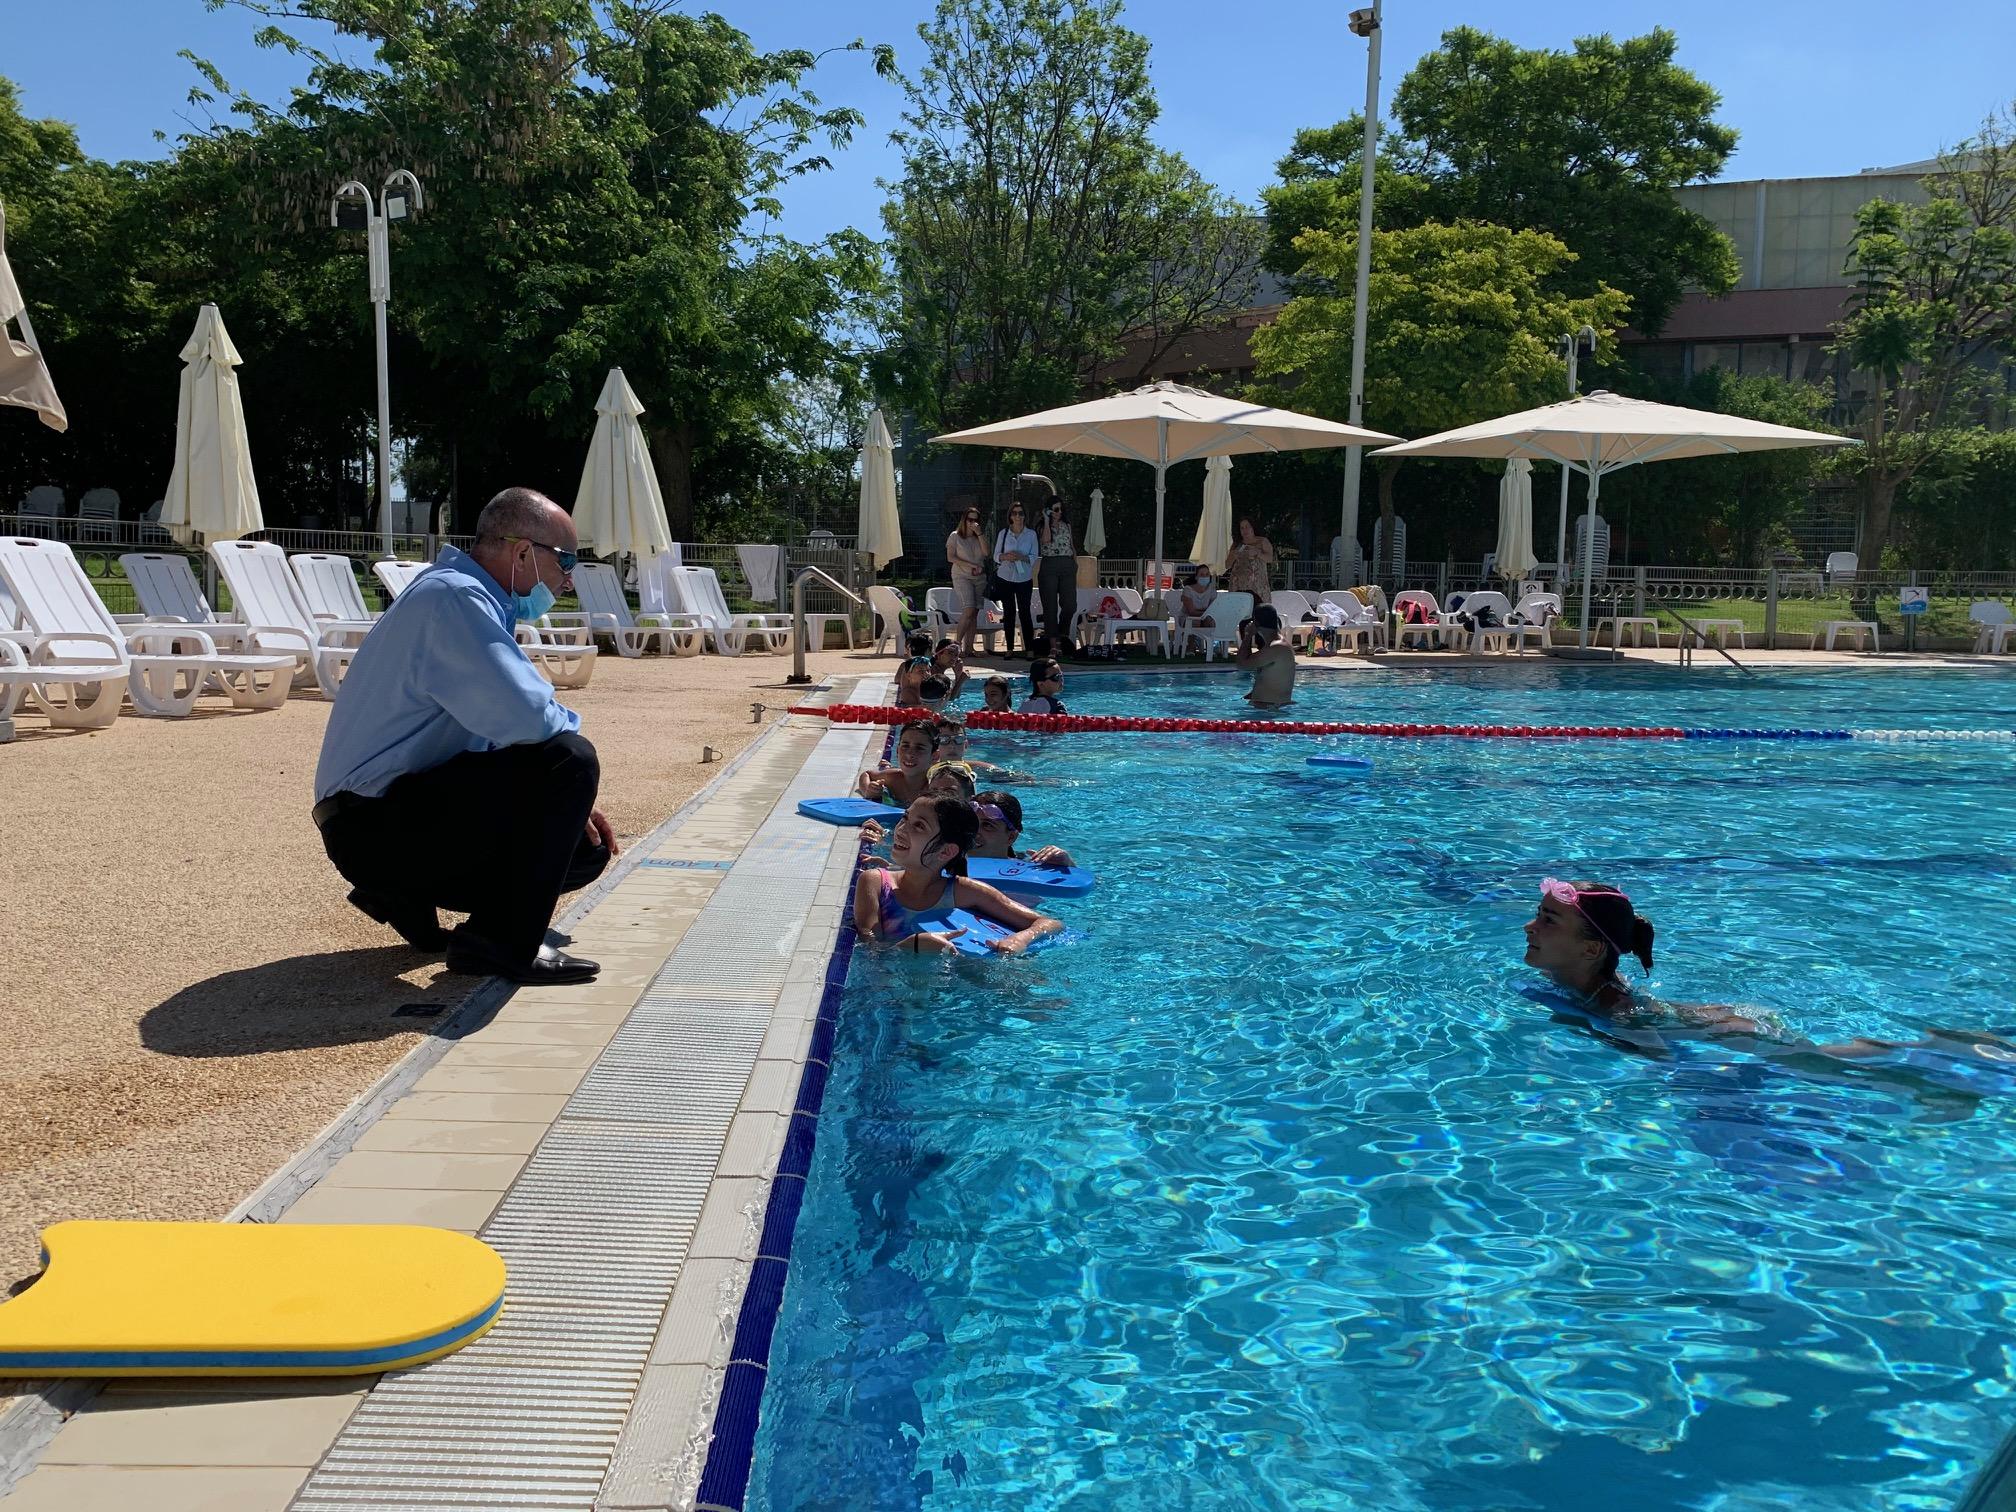 תלמידי כיתות ה' החלו בשיעורי שחייה רגע לפני פתיחת הקיץ